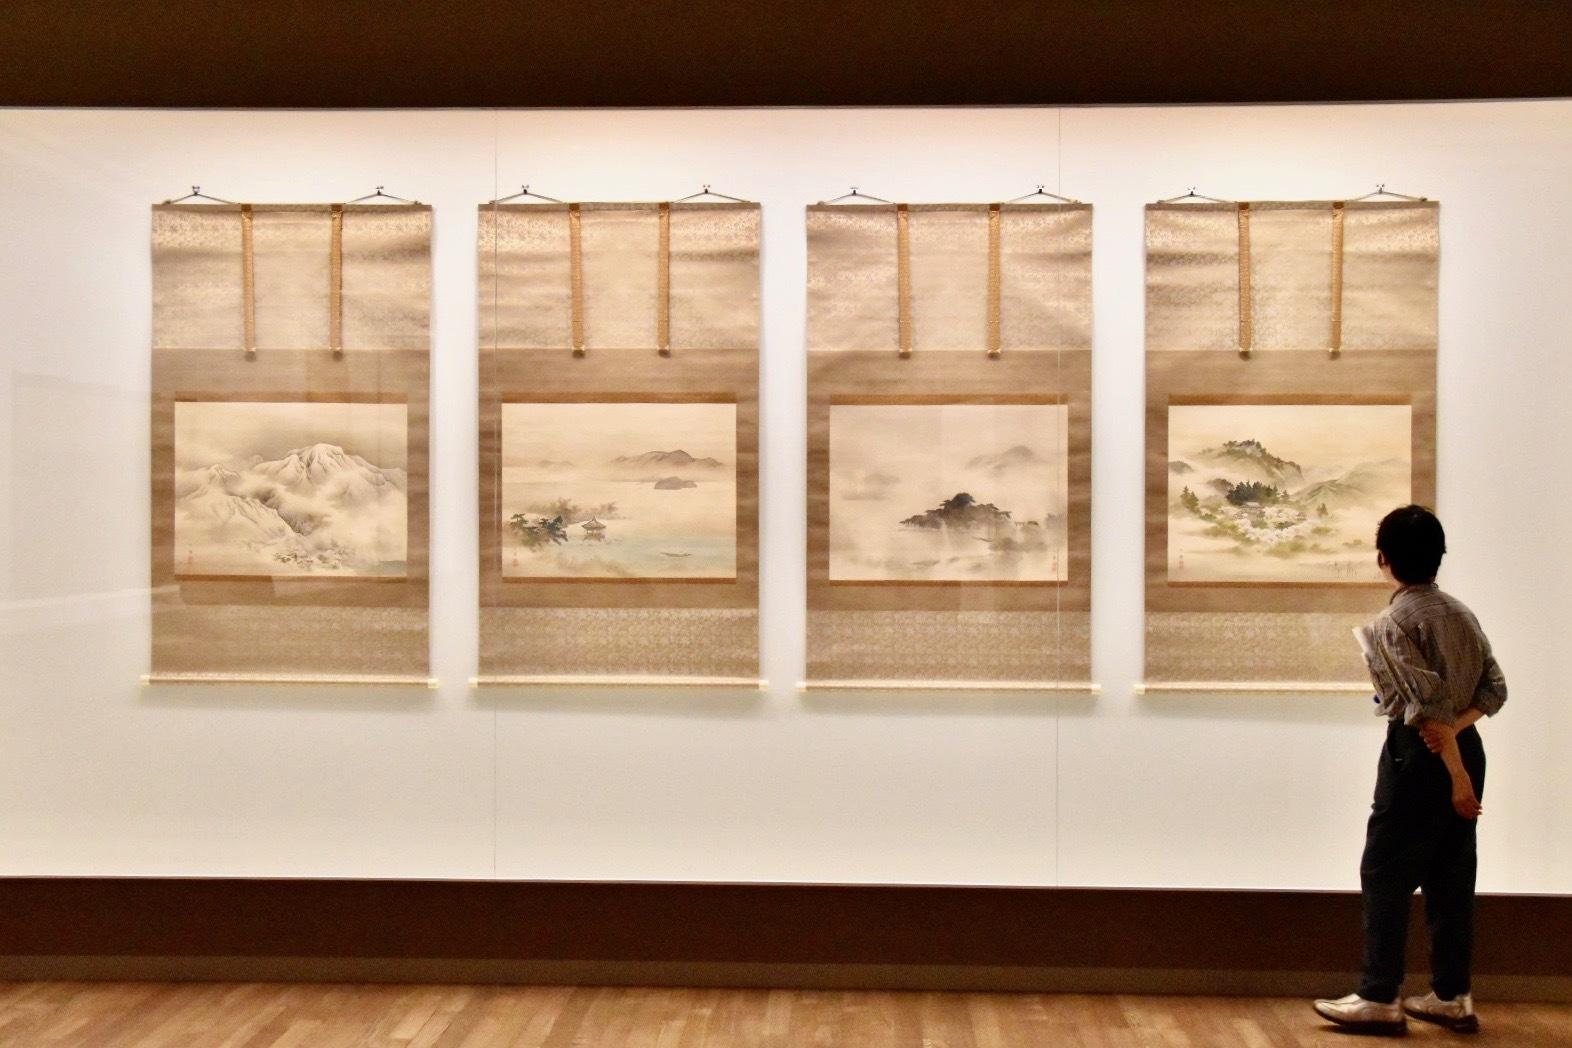 野村文挙 《近江八景図》 明治32年(1899) 滋賀県立近代美術館蔵 東京展:通期4幅ずつ展示